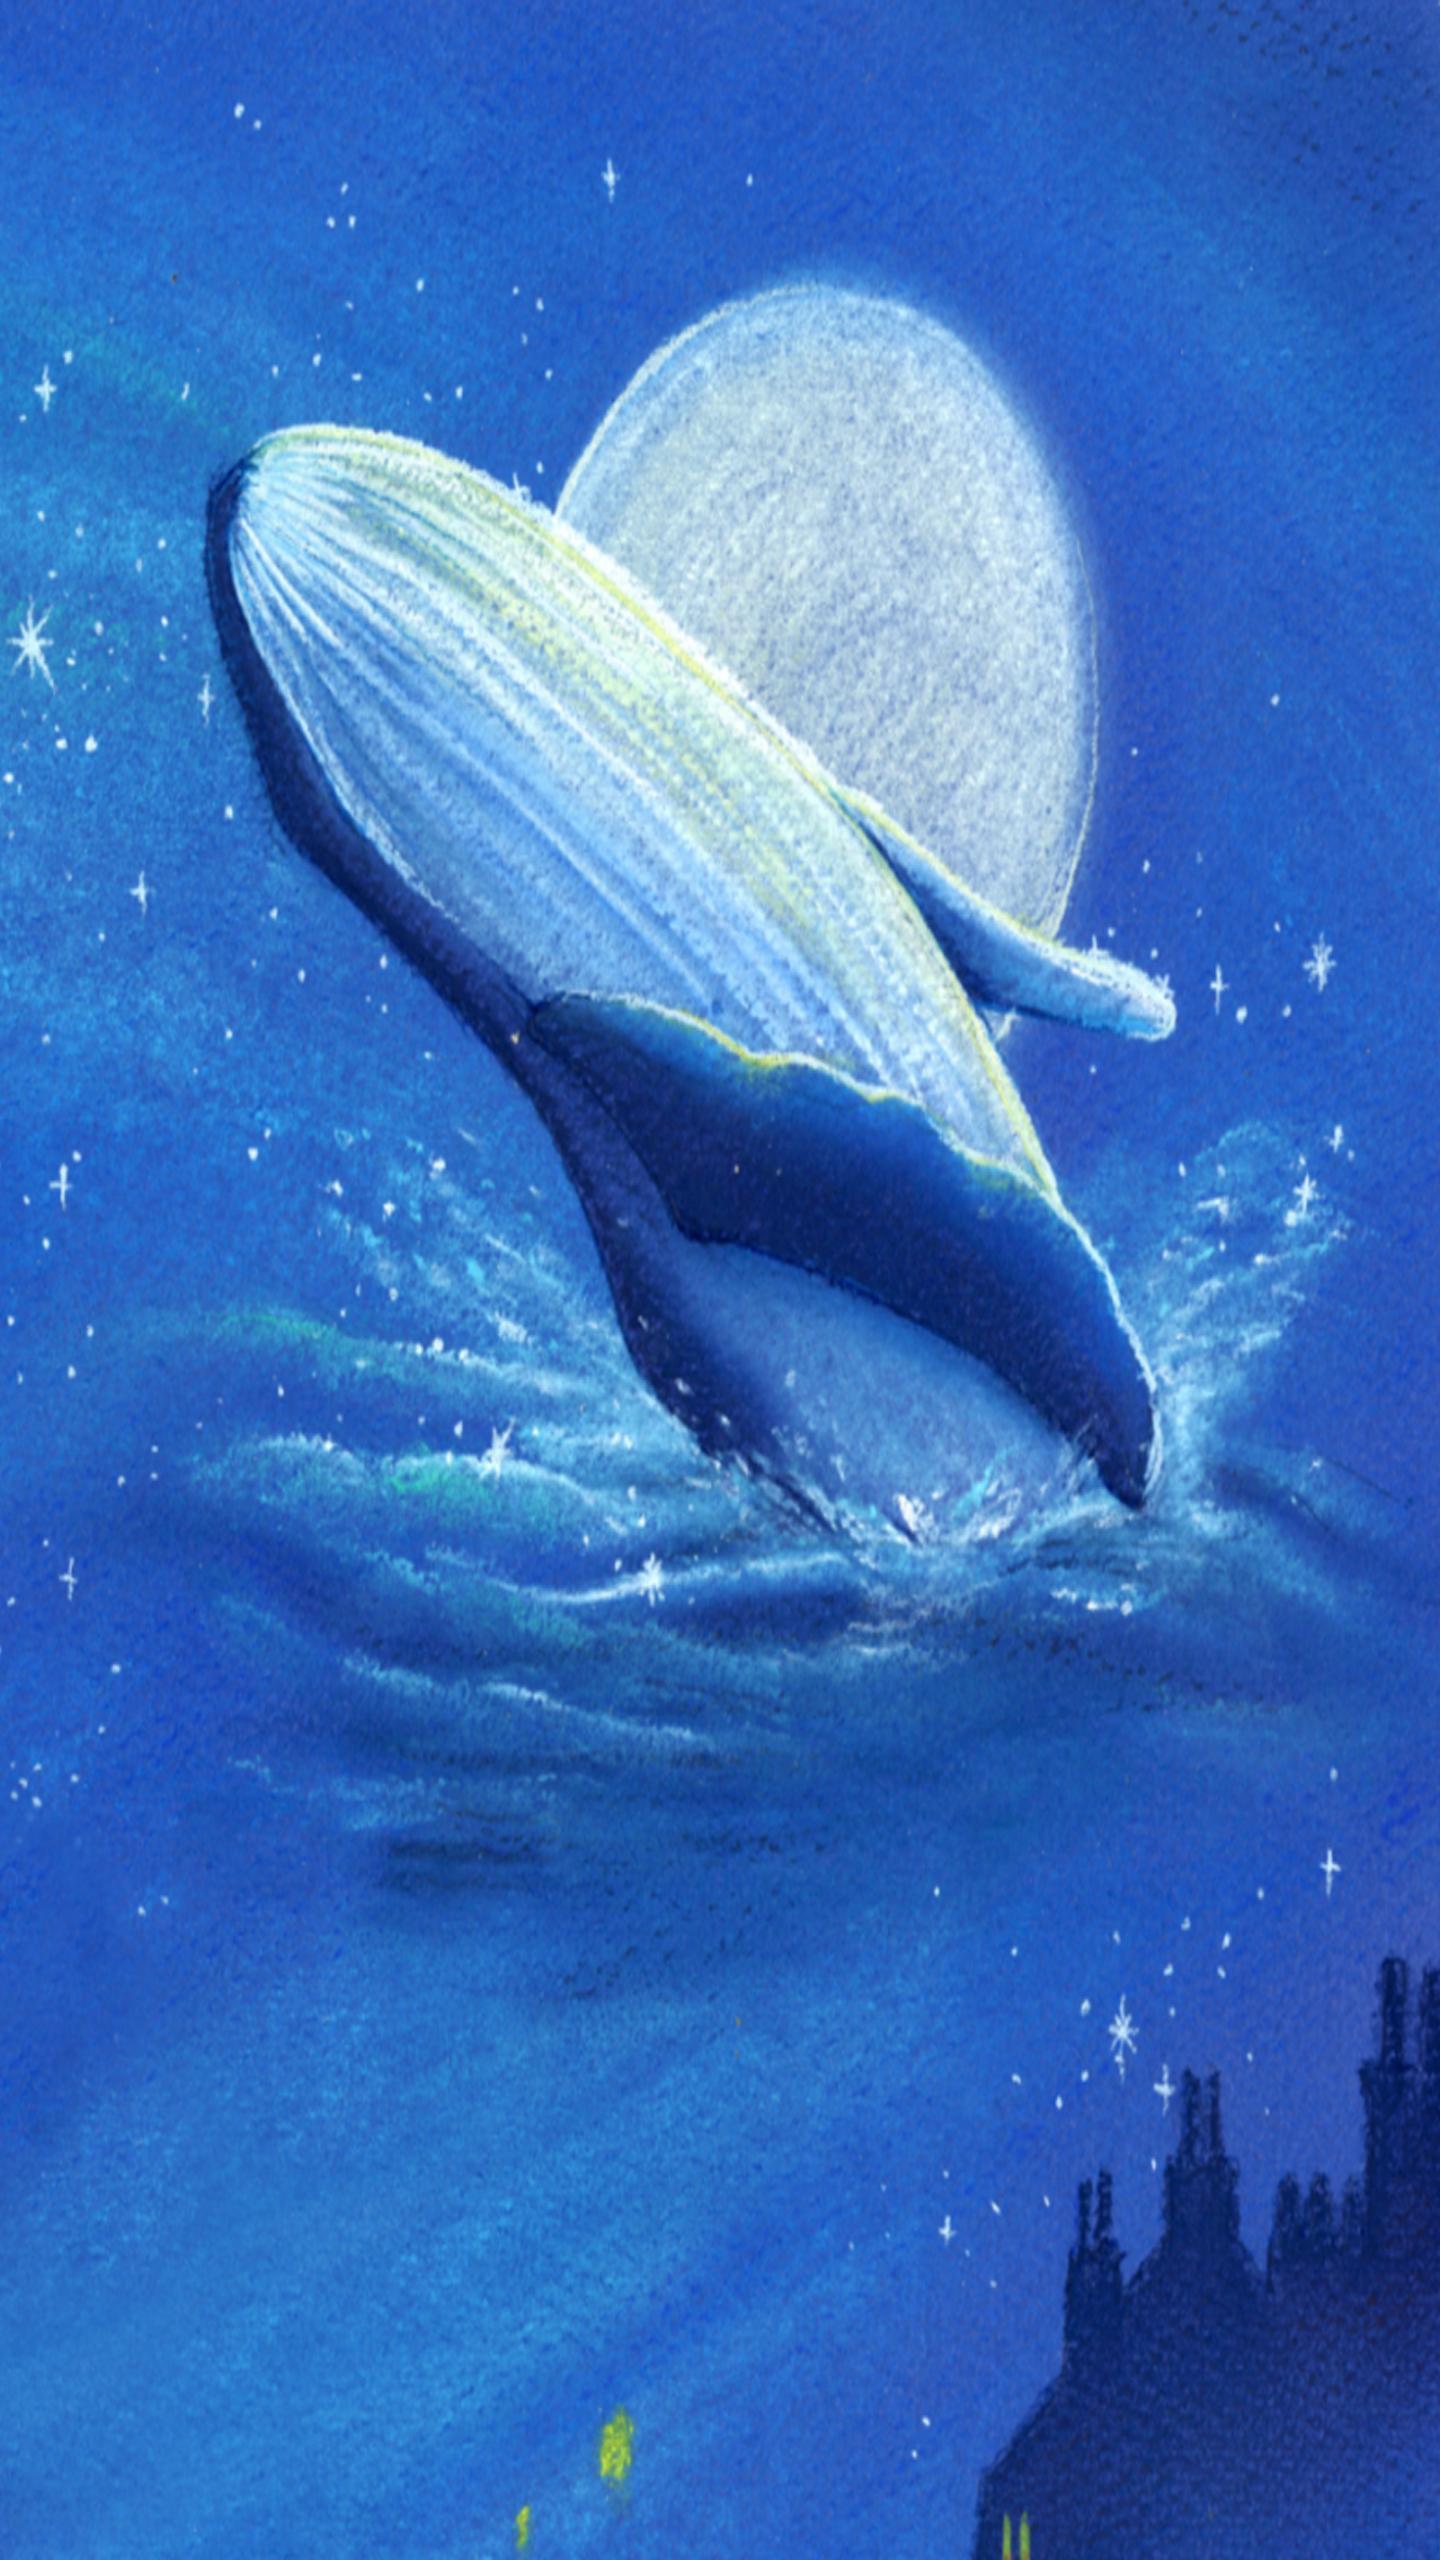 고래바다이야기 poster